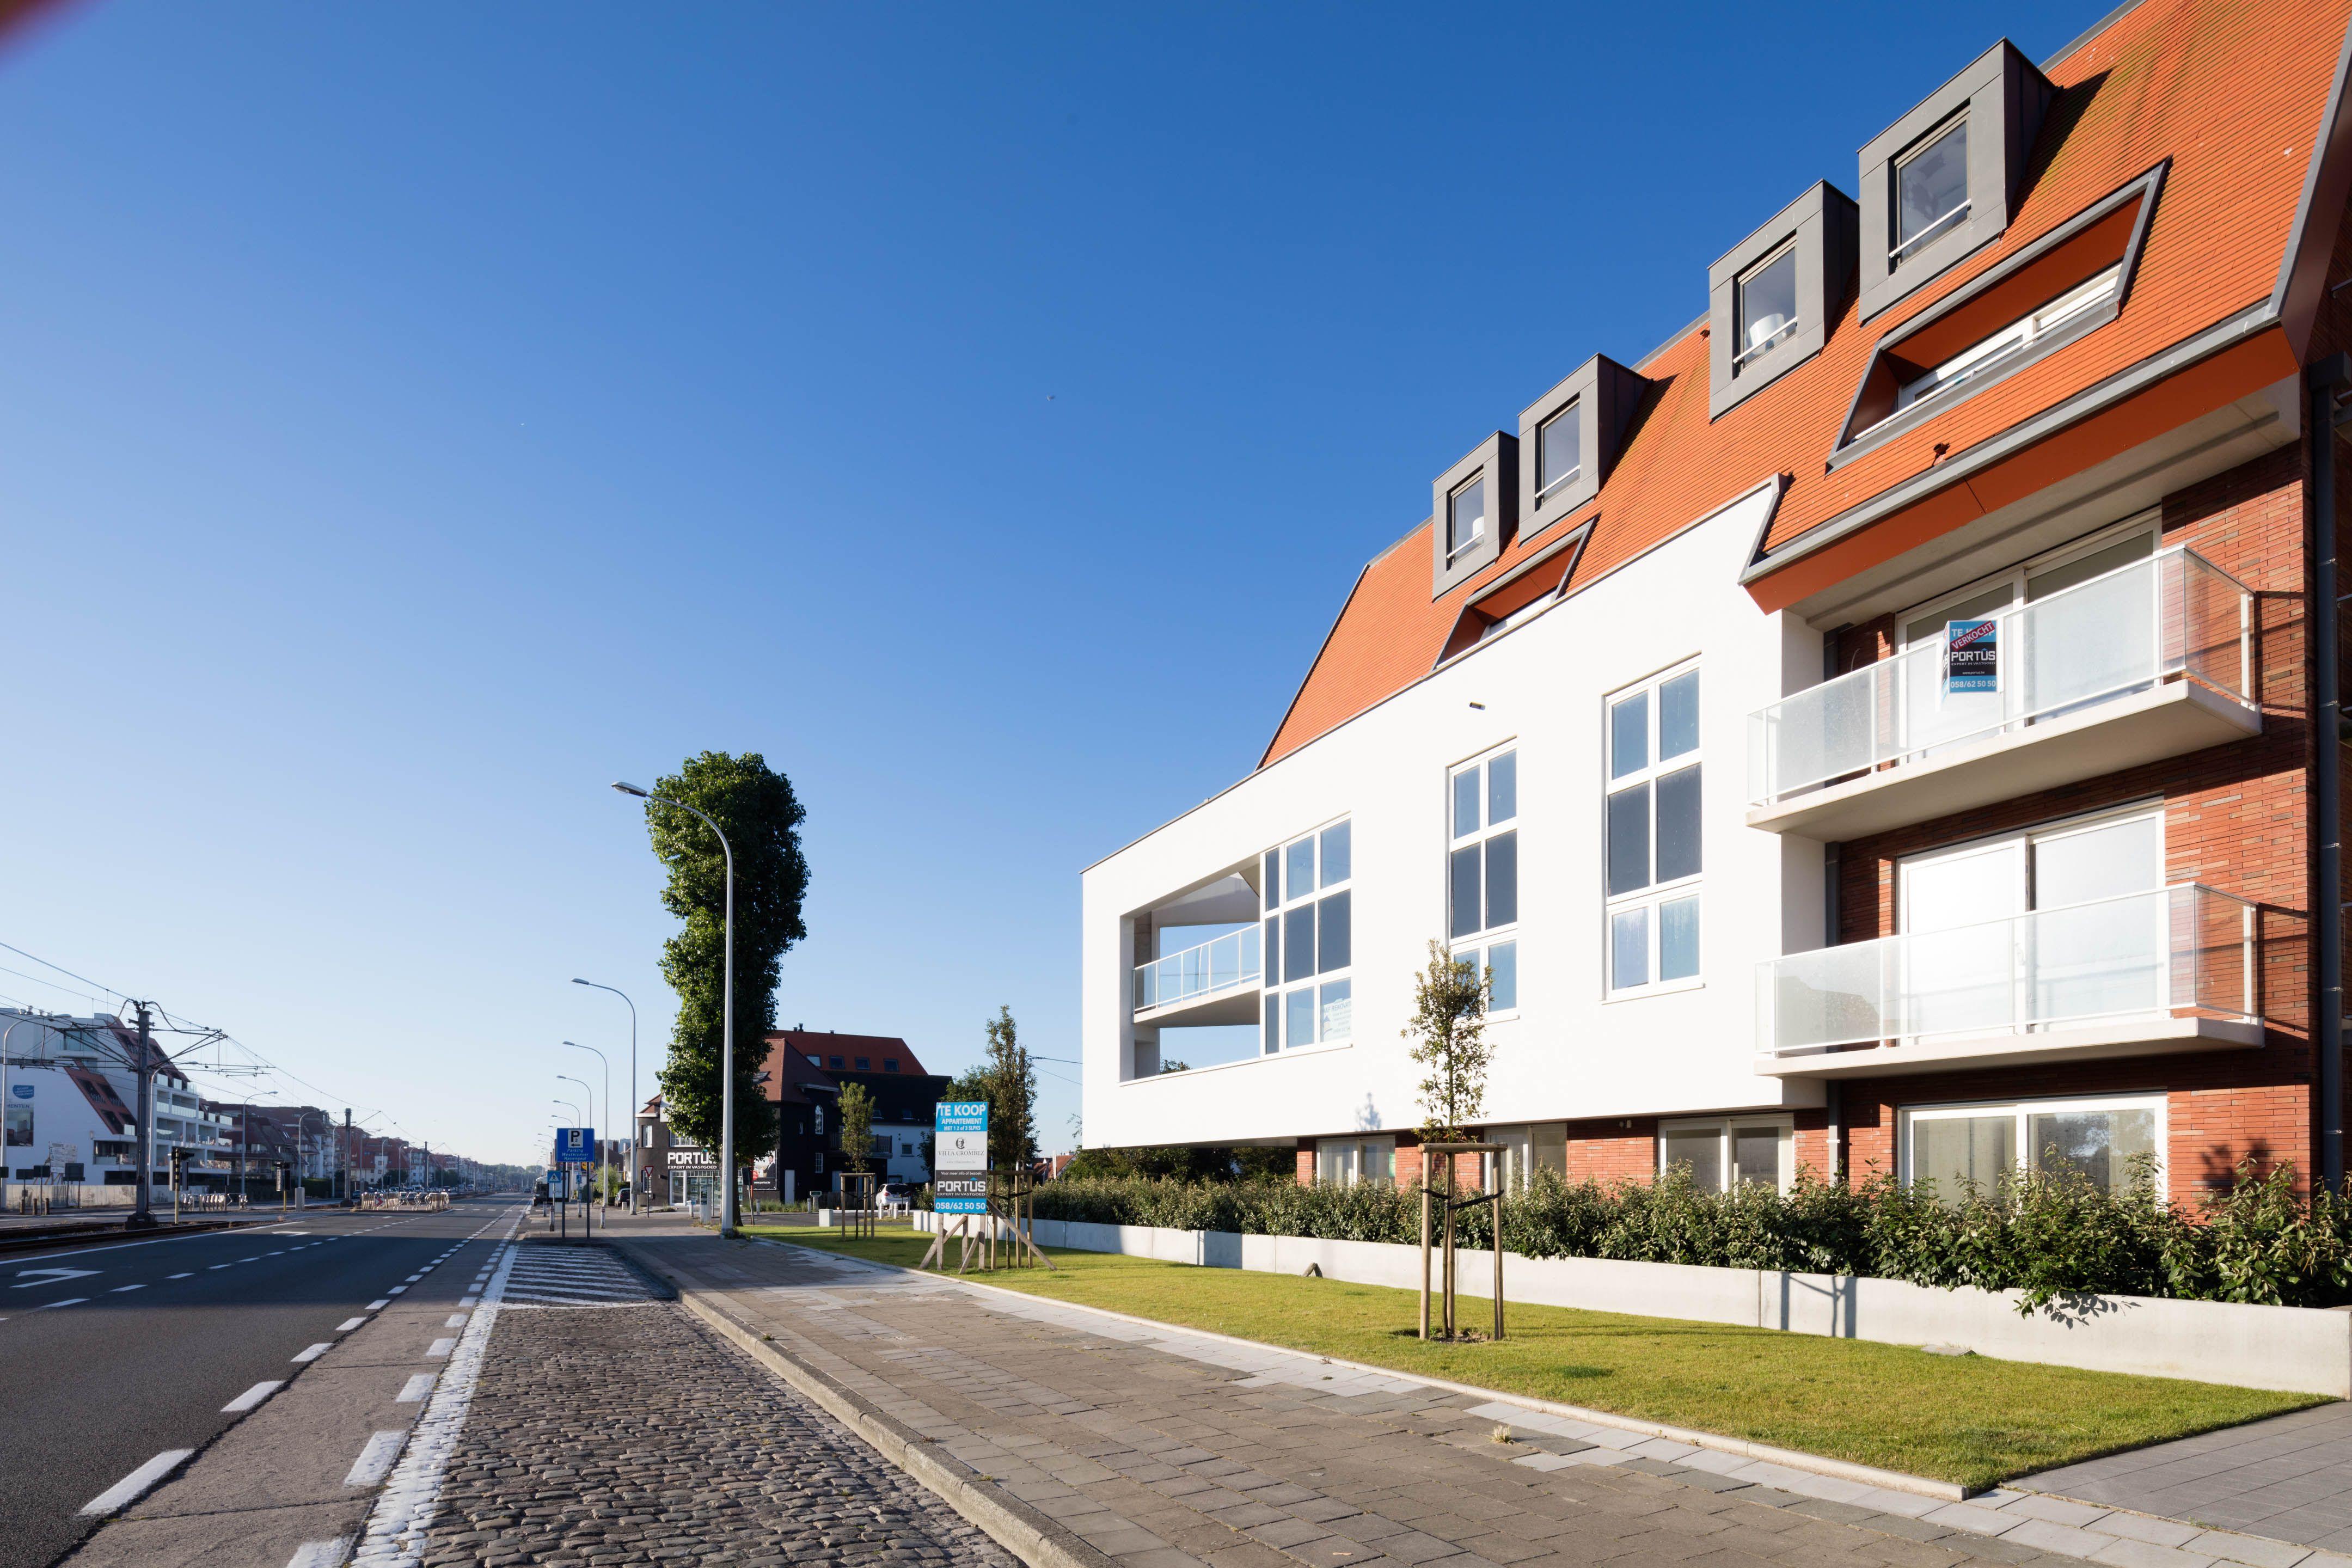 Appartement Residentie Villa Crombez Nieuwpoort - 9311